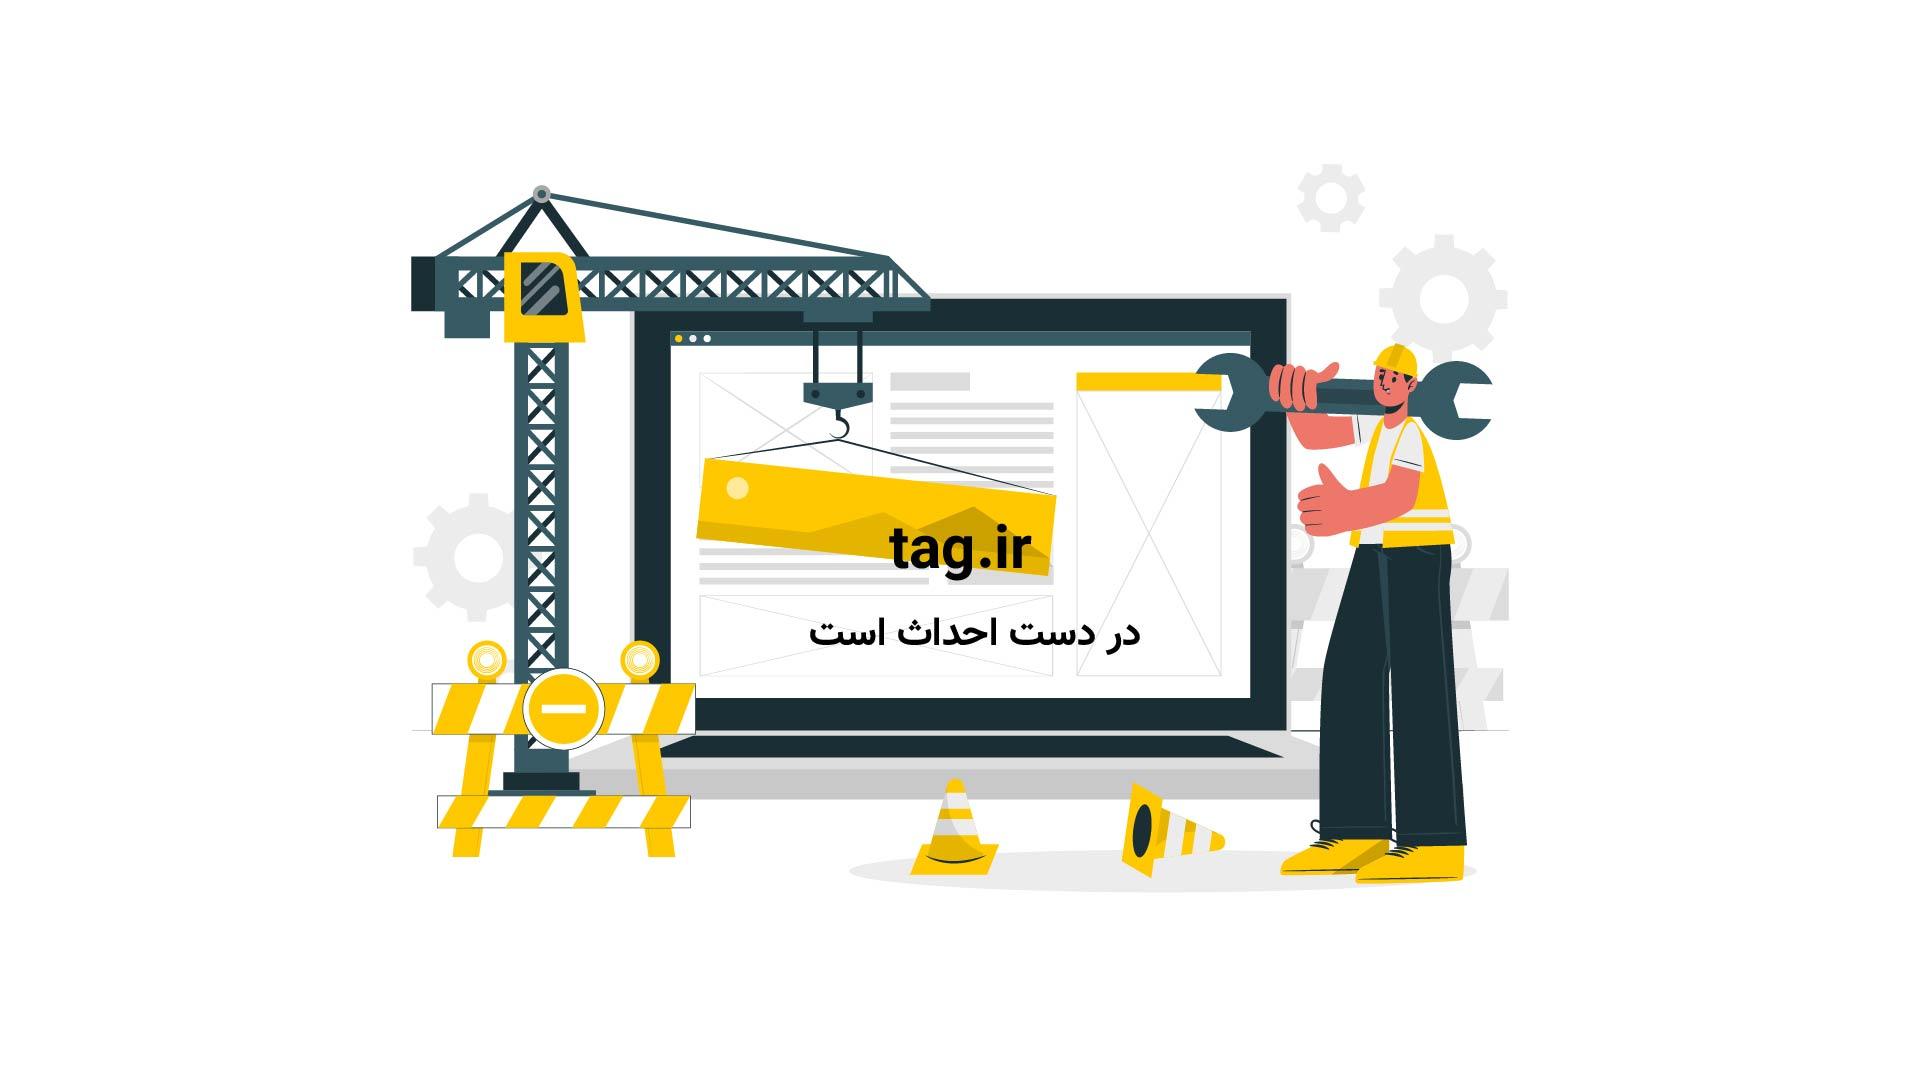 کارت سوخت های قبلی خودروهای معلولین باطل شد | فیلم